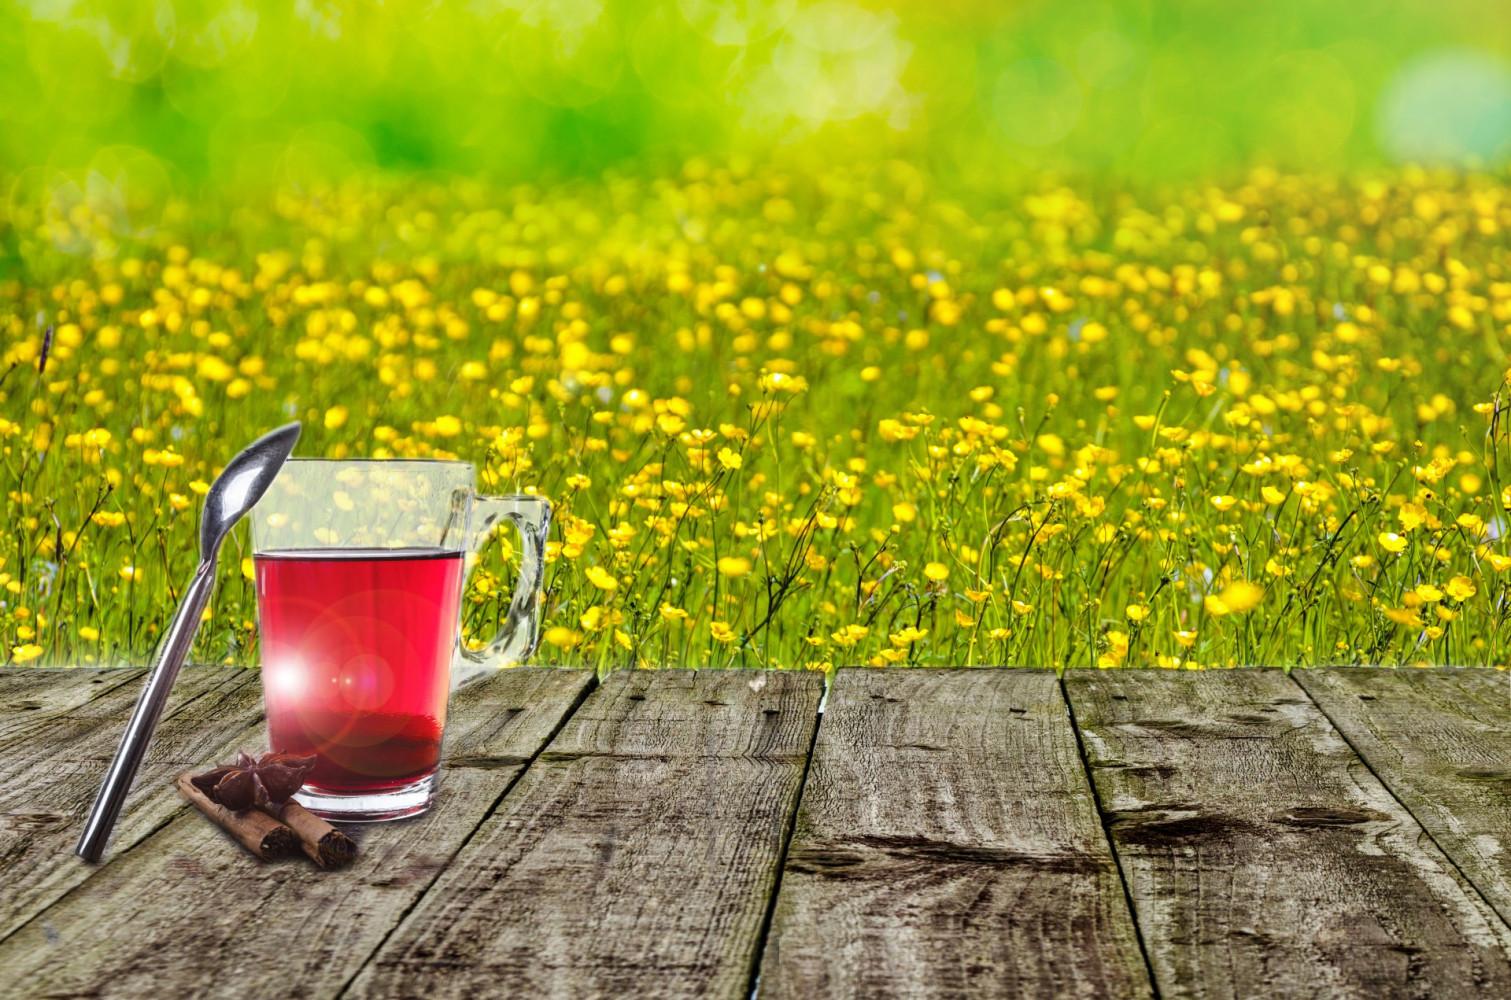 Sunny days van Armin van Buuren – Luistertip